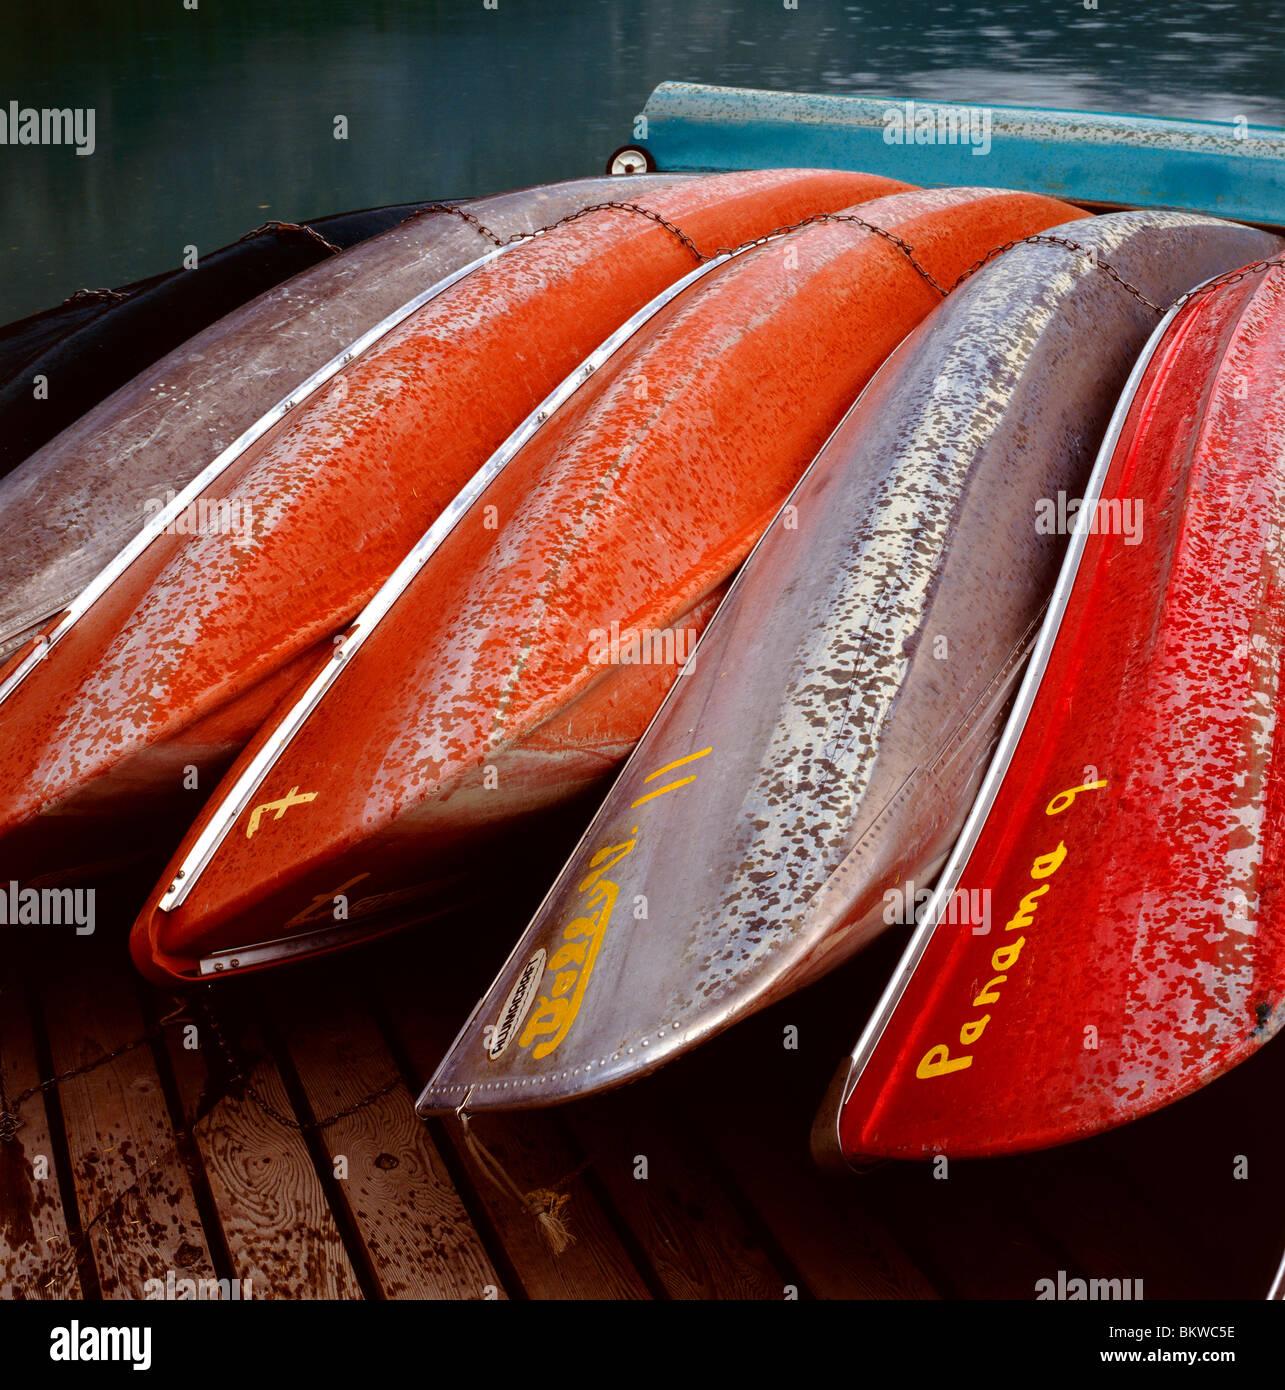 Canoës colorés sur le quai dans la pluie, le lac Emerald, le parc national Yoho, Colombie-Britannique, Photo Stock